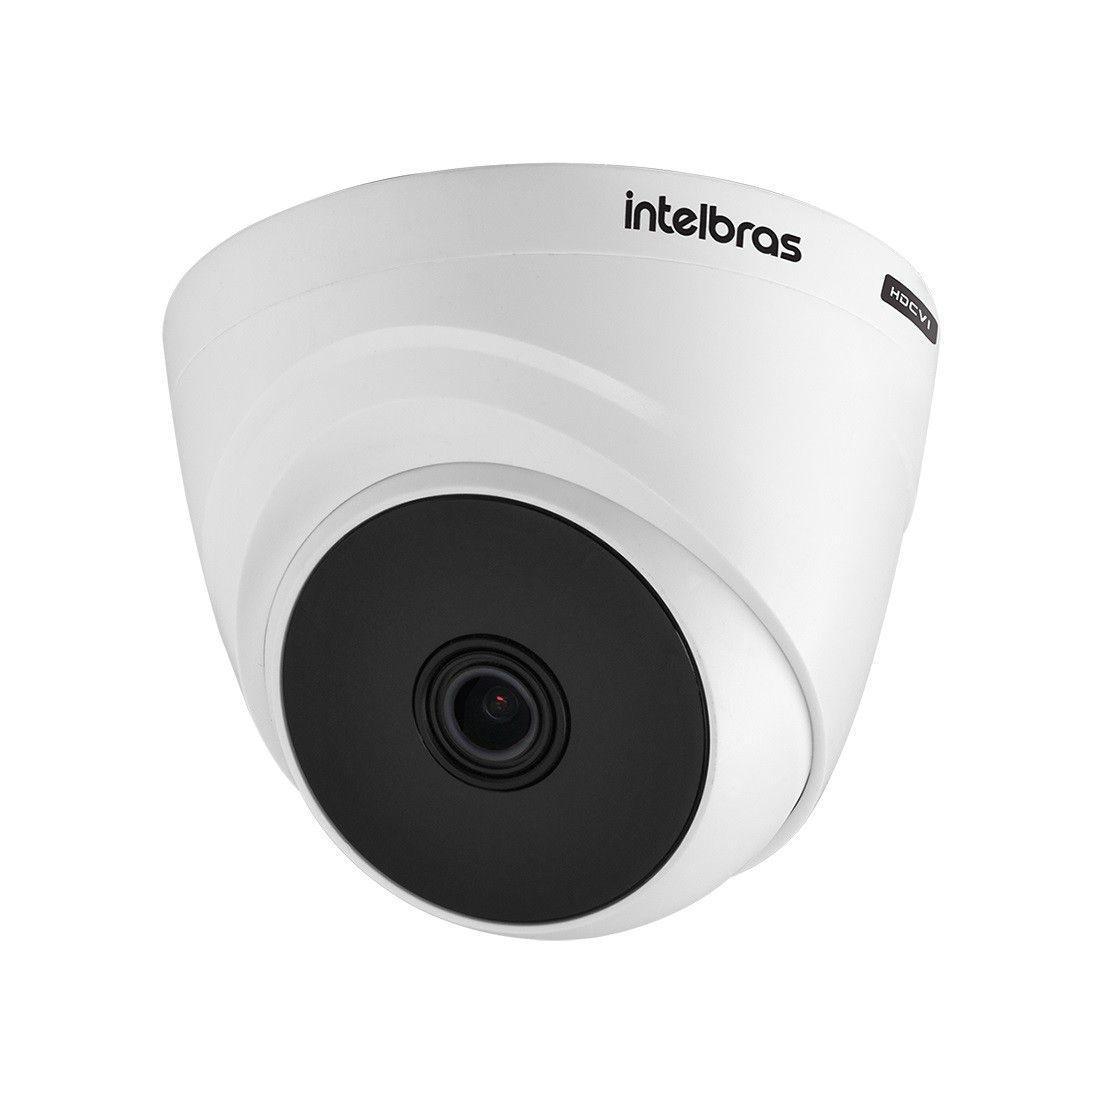 Kit 4 Câmeras Mista de Segurança HD 720p Intelbras VHD 1010 D G6 DVR 4 Canais Multi HD e Acessórios